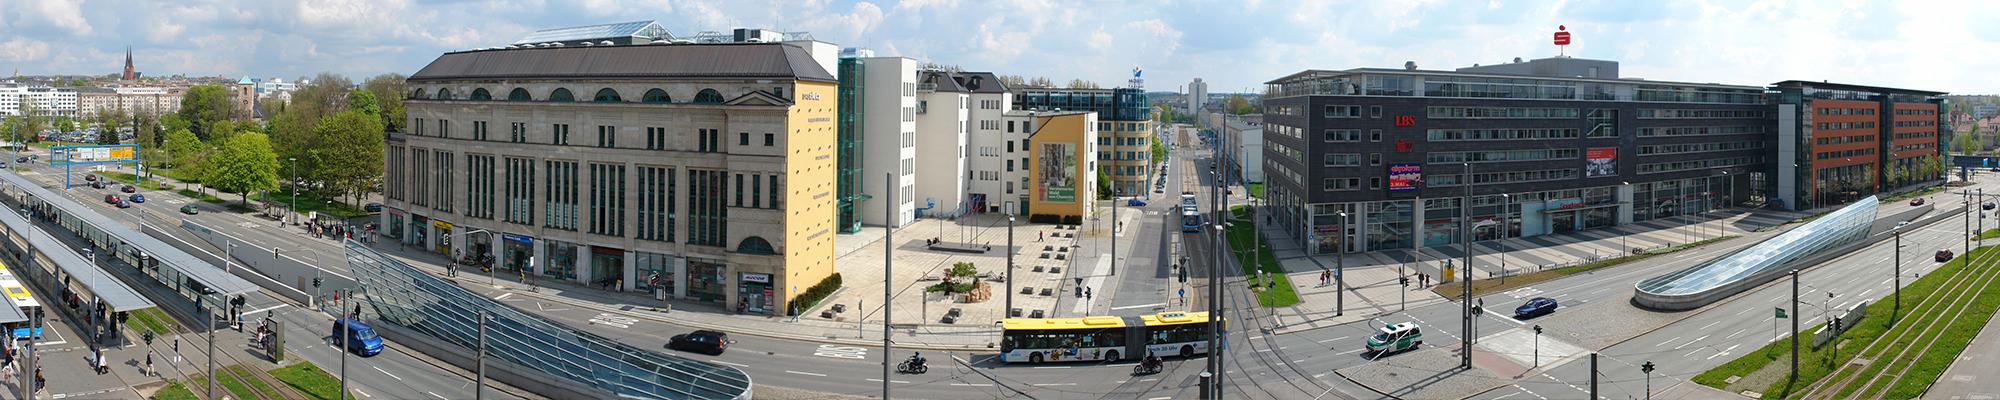 Chemnitz2